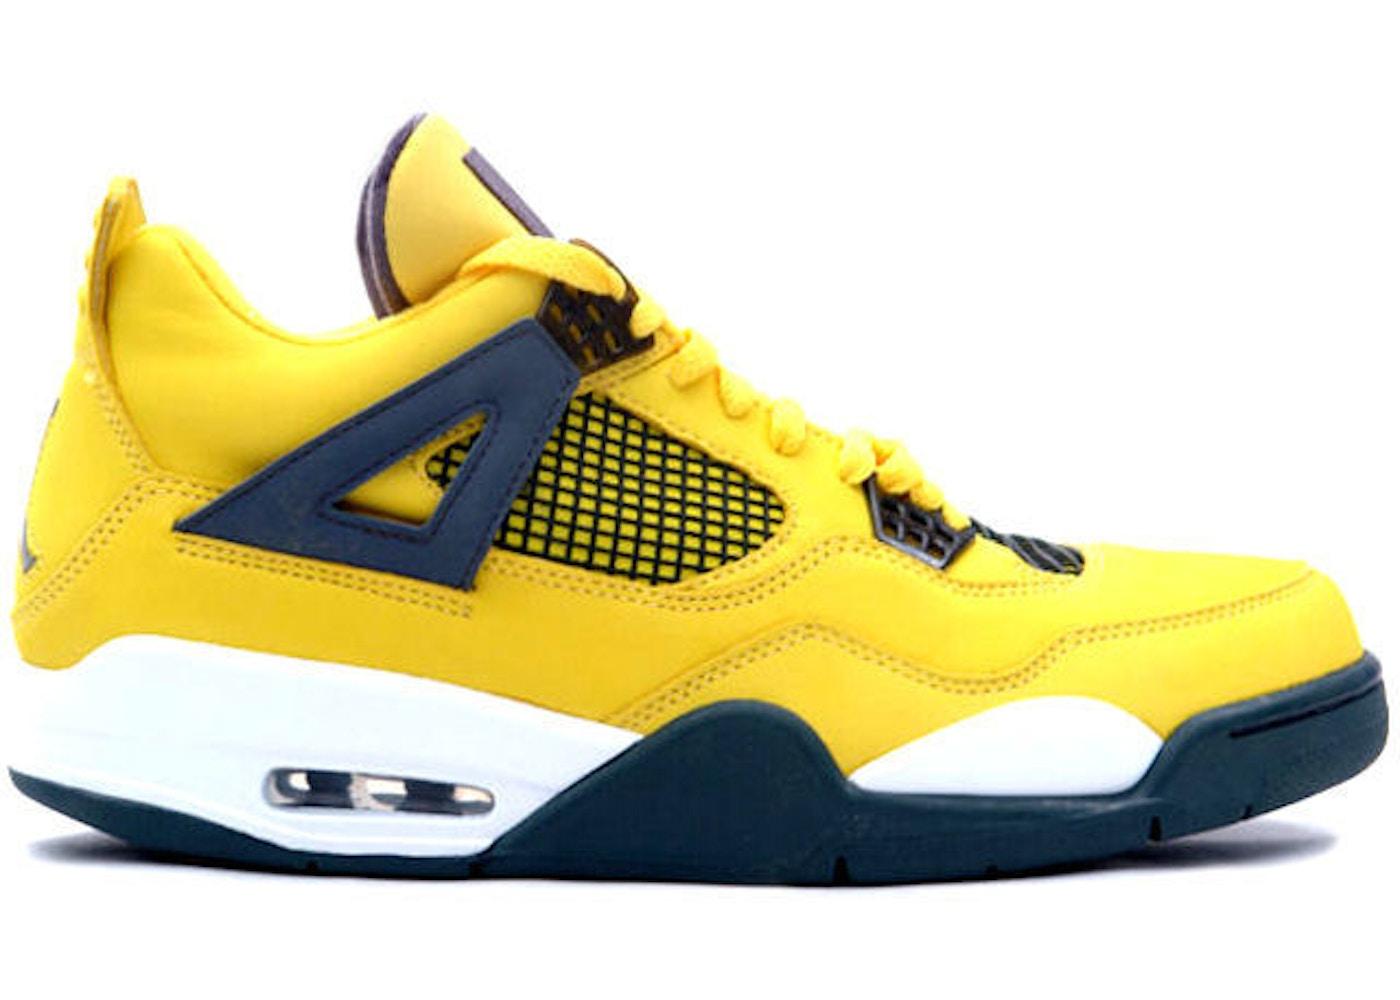 sneakers for cheap ad96d 7170e Jordan 4 Retro Lightning - 314254-702